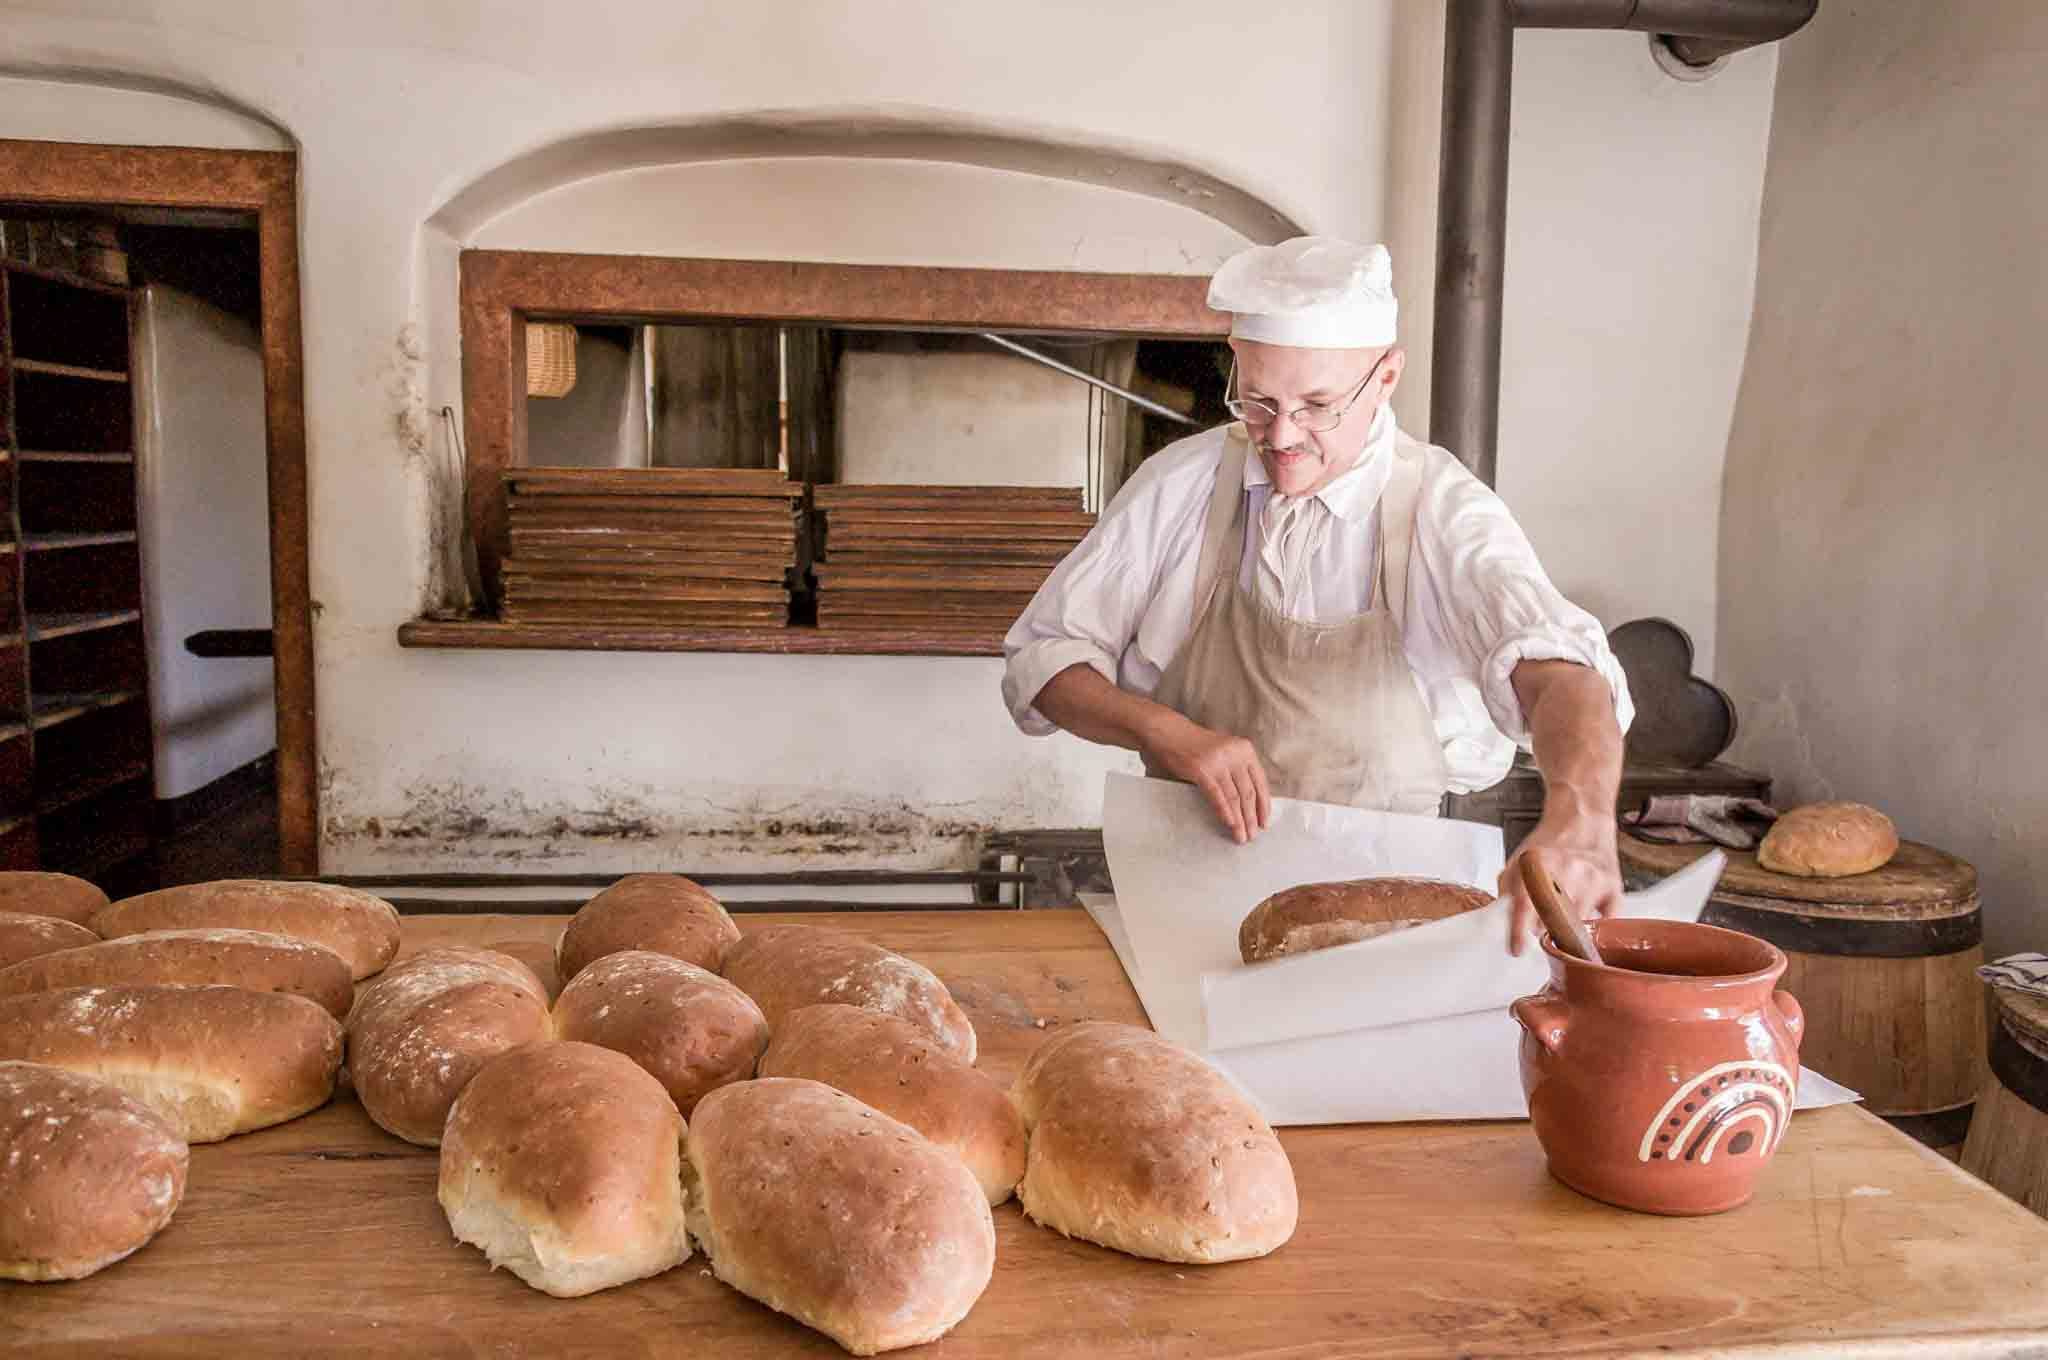 Baker making onion bread loaves